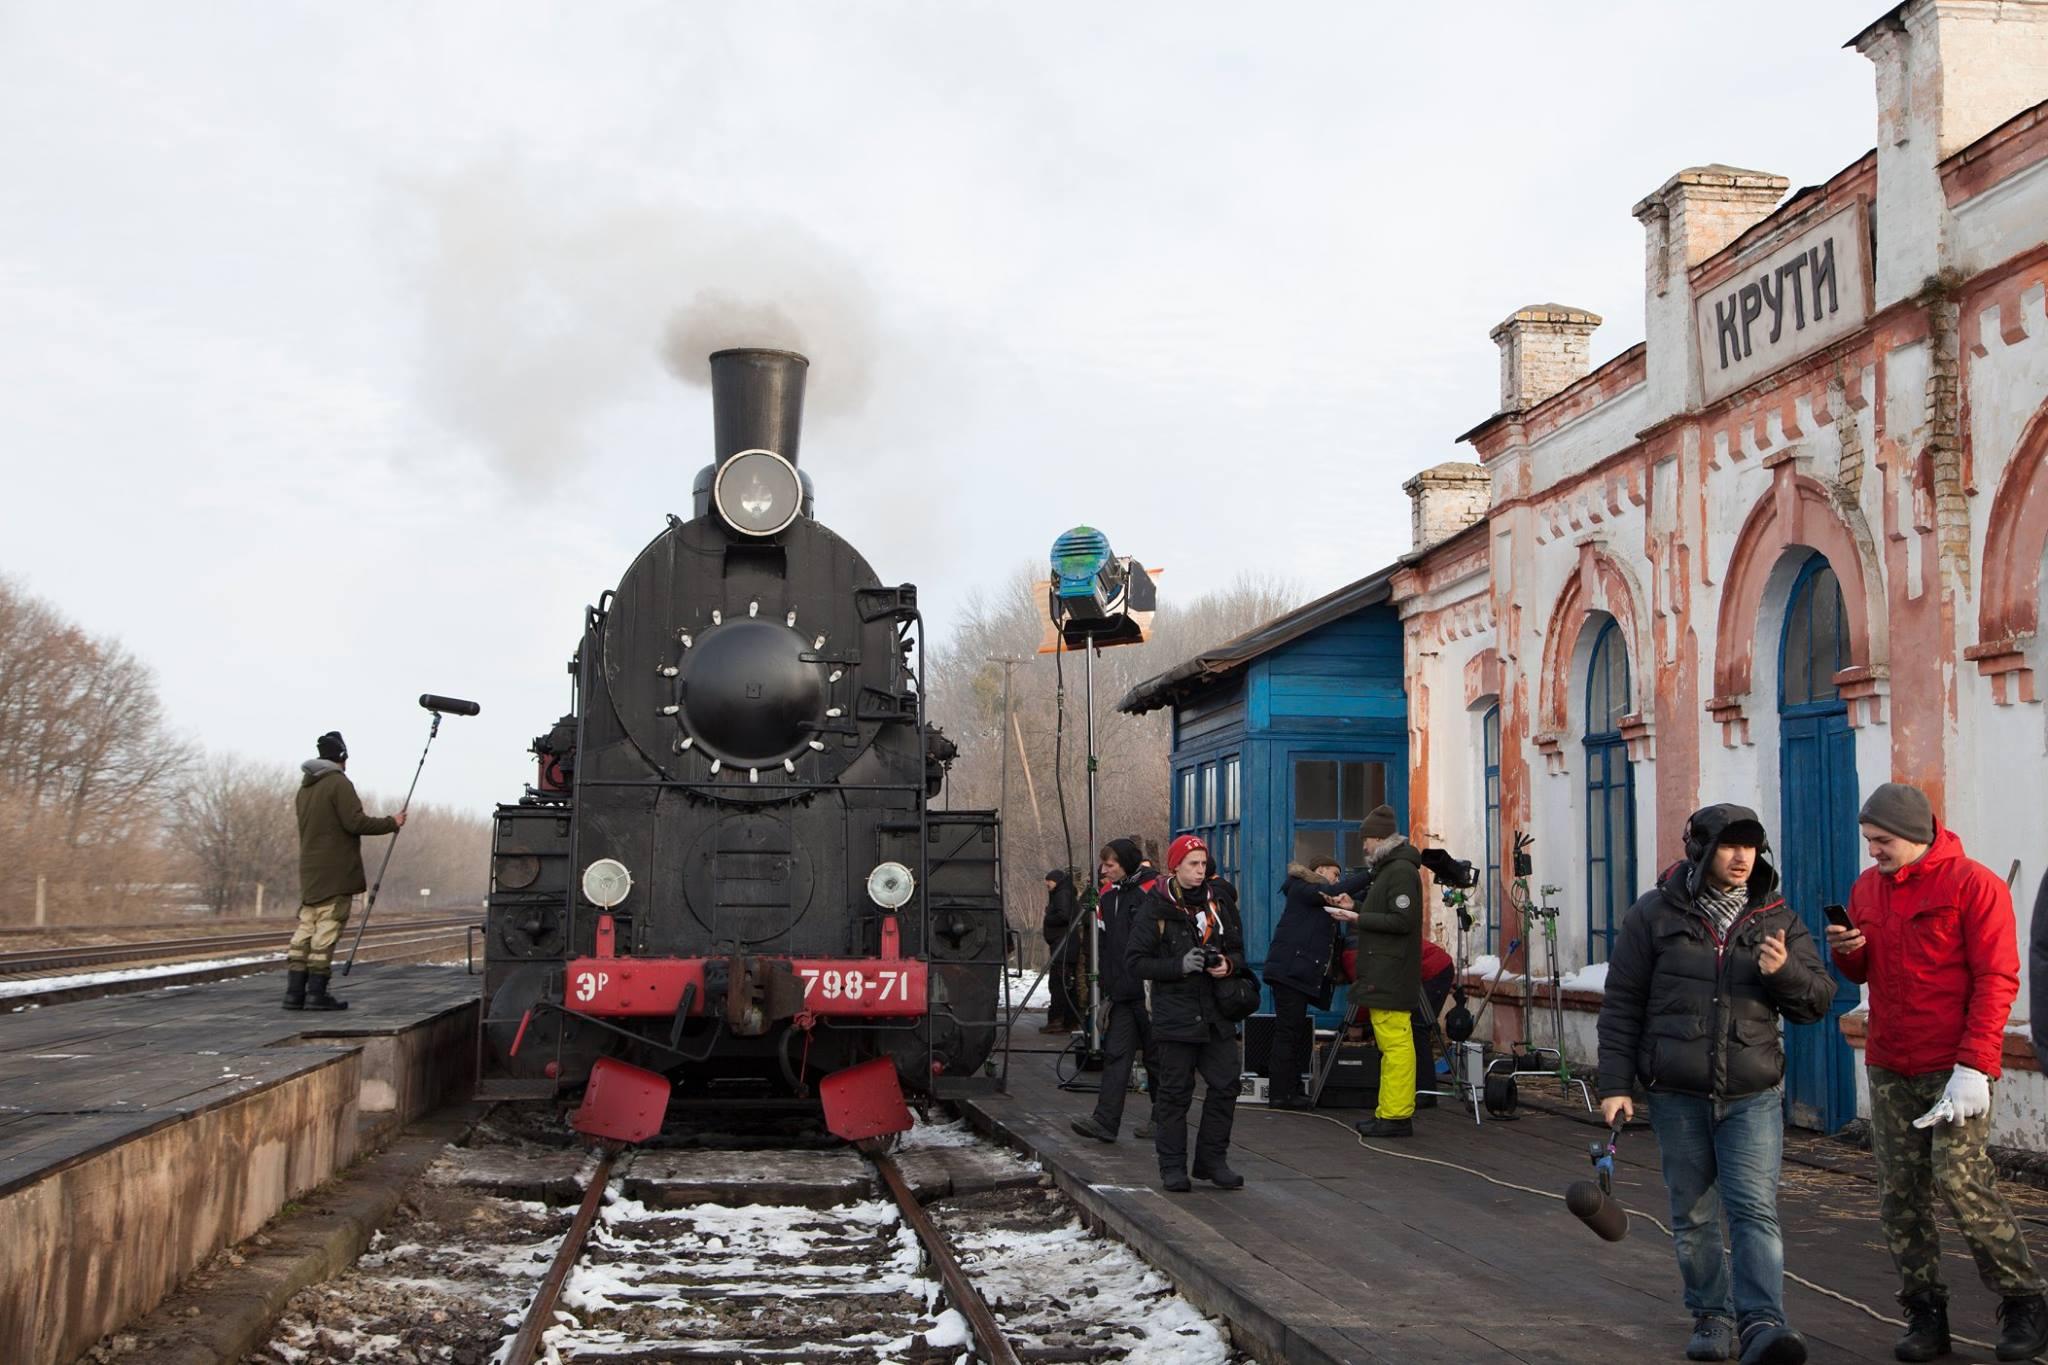 Станцію Крути знімали на Черкащині, в селі Сигнаївка – на самій станції Крути на Чернігівщині наразі зведено меморіал героям-крутянам. А в Сигнаївці залізнична станція, її давня вокзальна будівля (що побудована наприкінці ХІХ століття) майже на 100% відповідають і архітектурі, і епосі часів оборони станції Крути